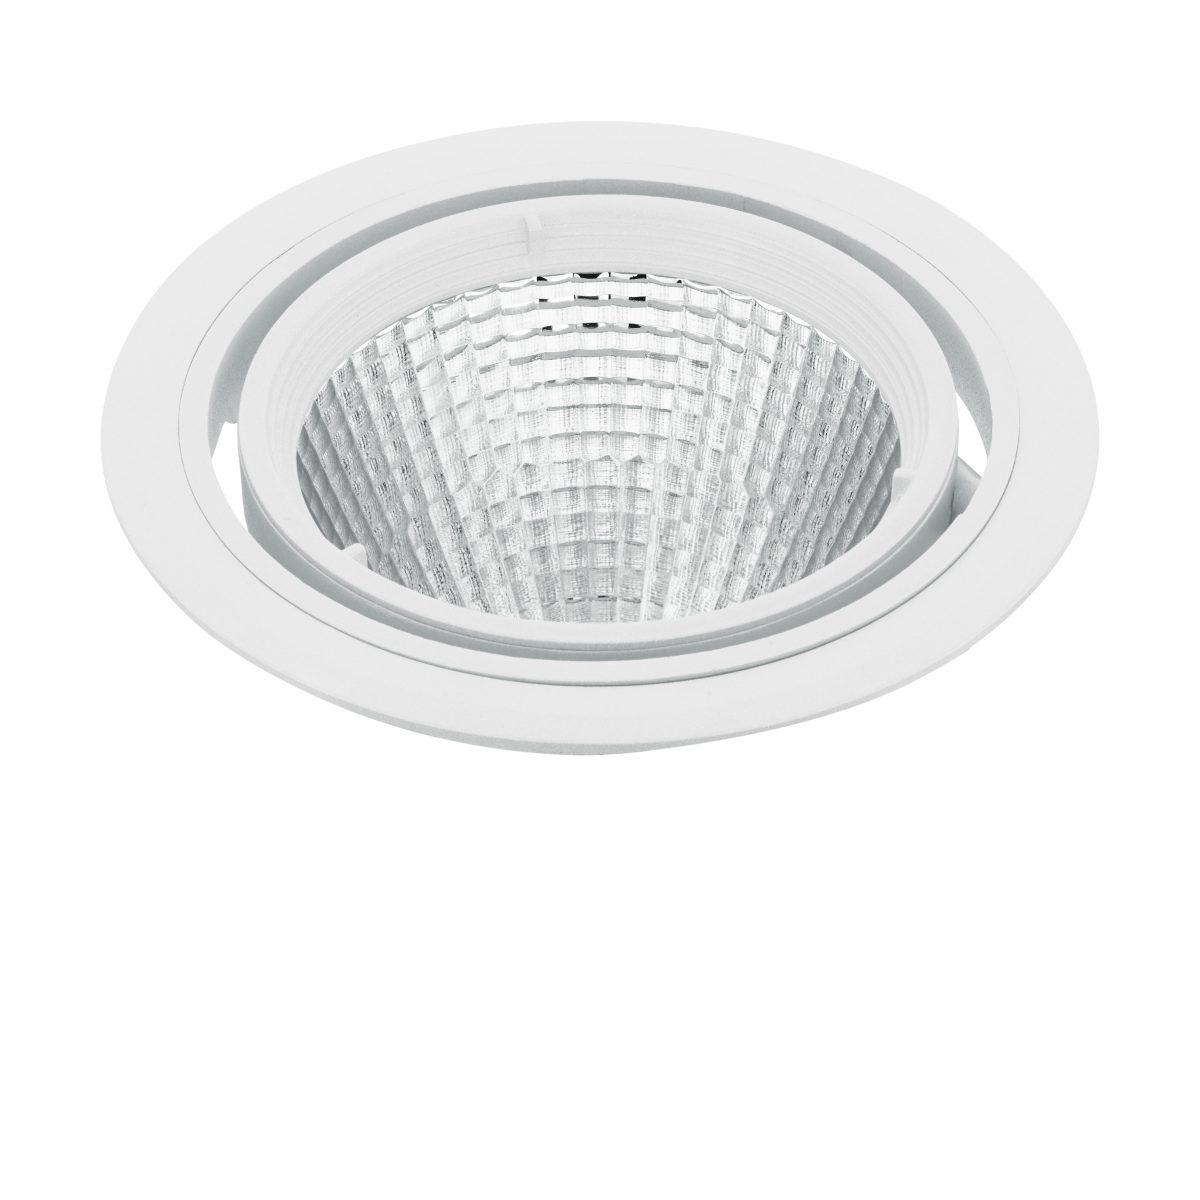 Светильник настенно-потолочный FERRONEGO/PROFESSIO EGLO 61436 - Фото №28